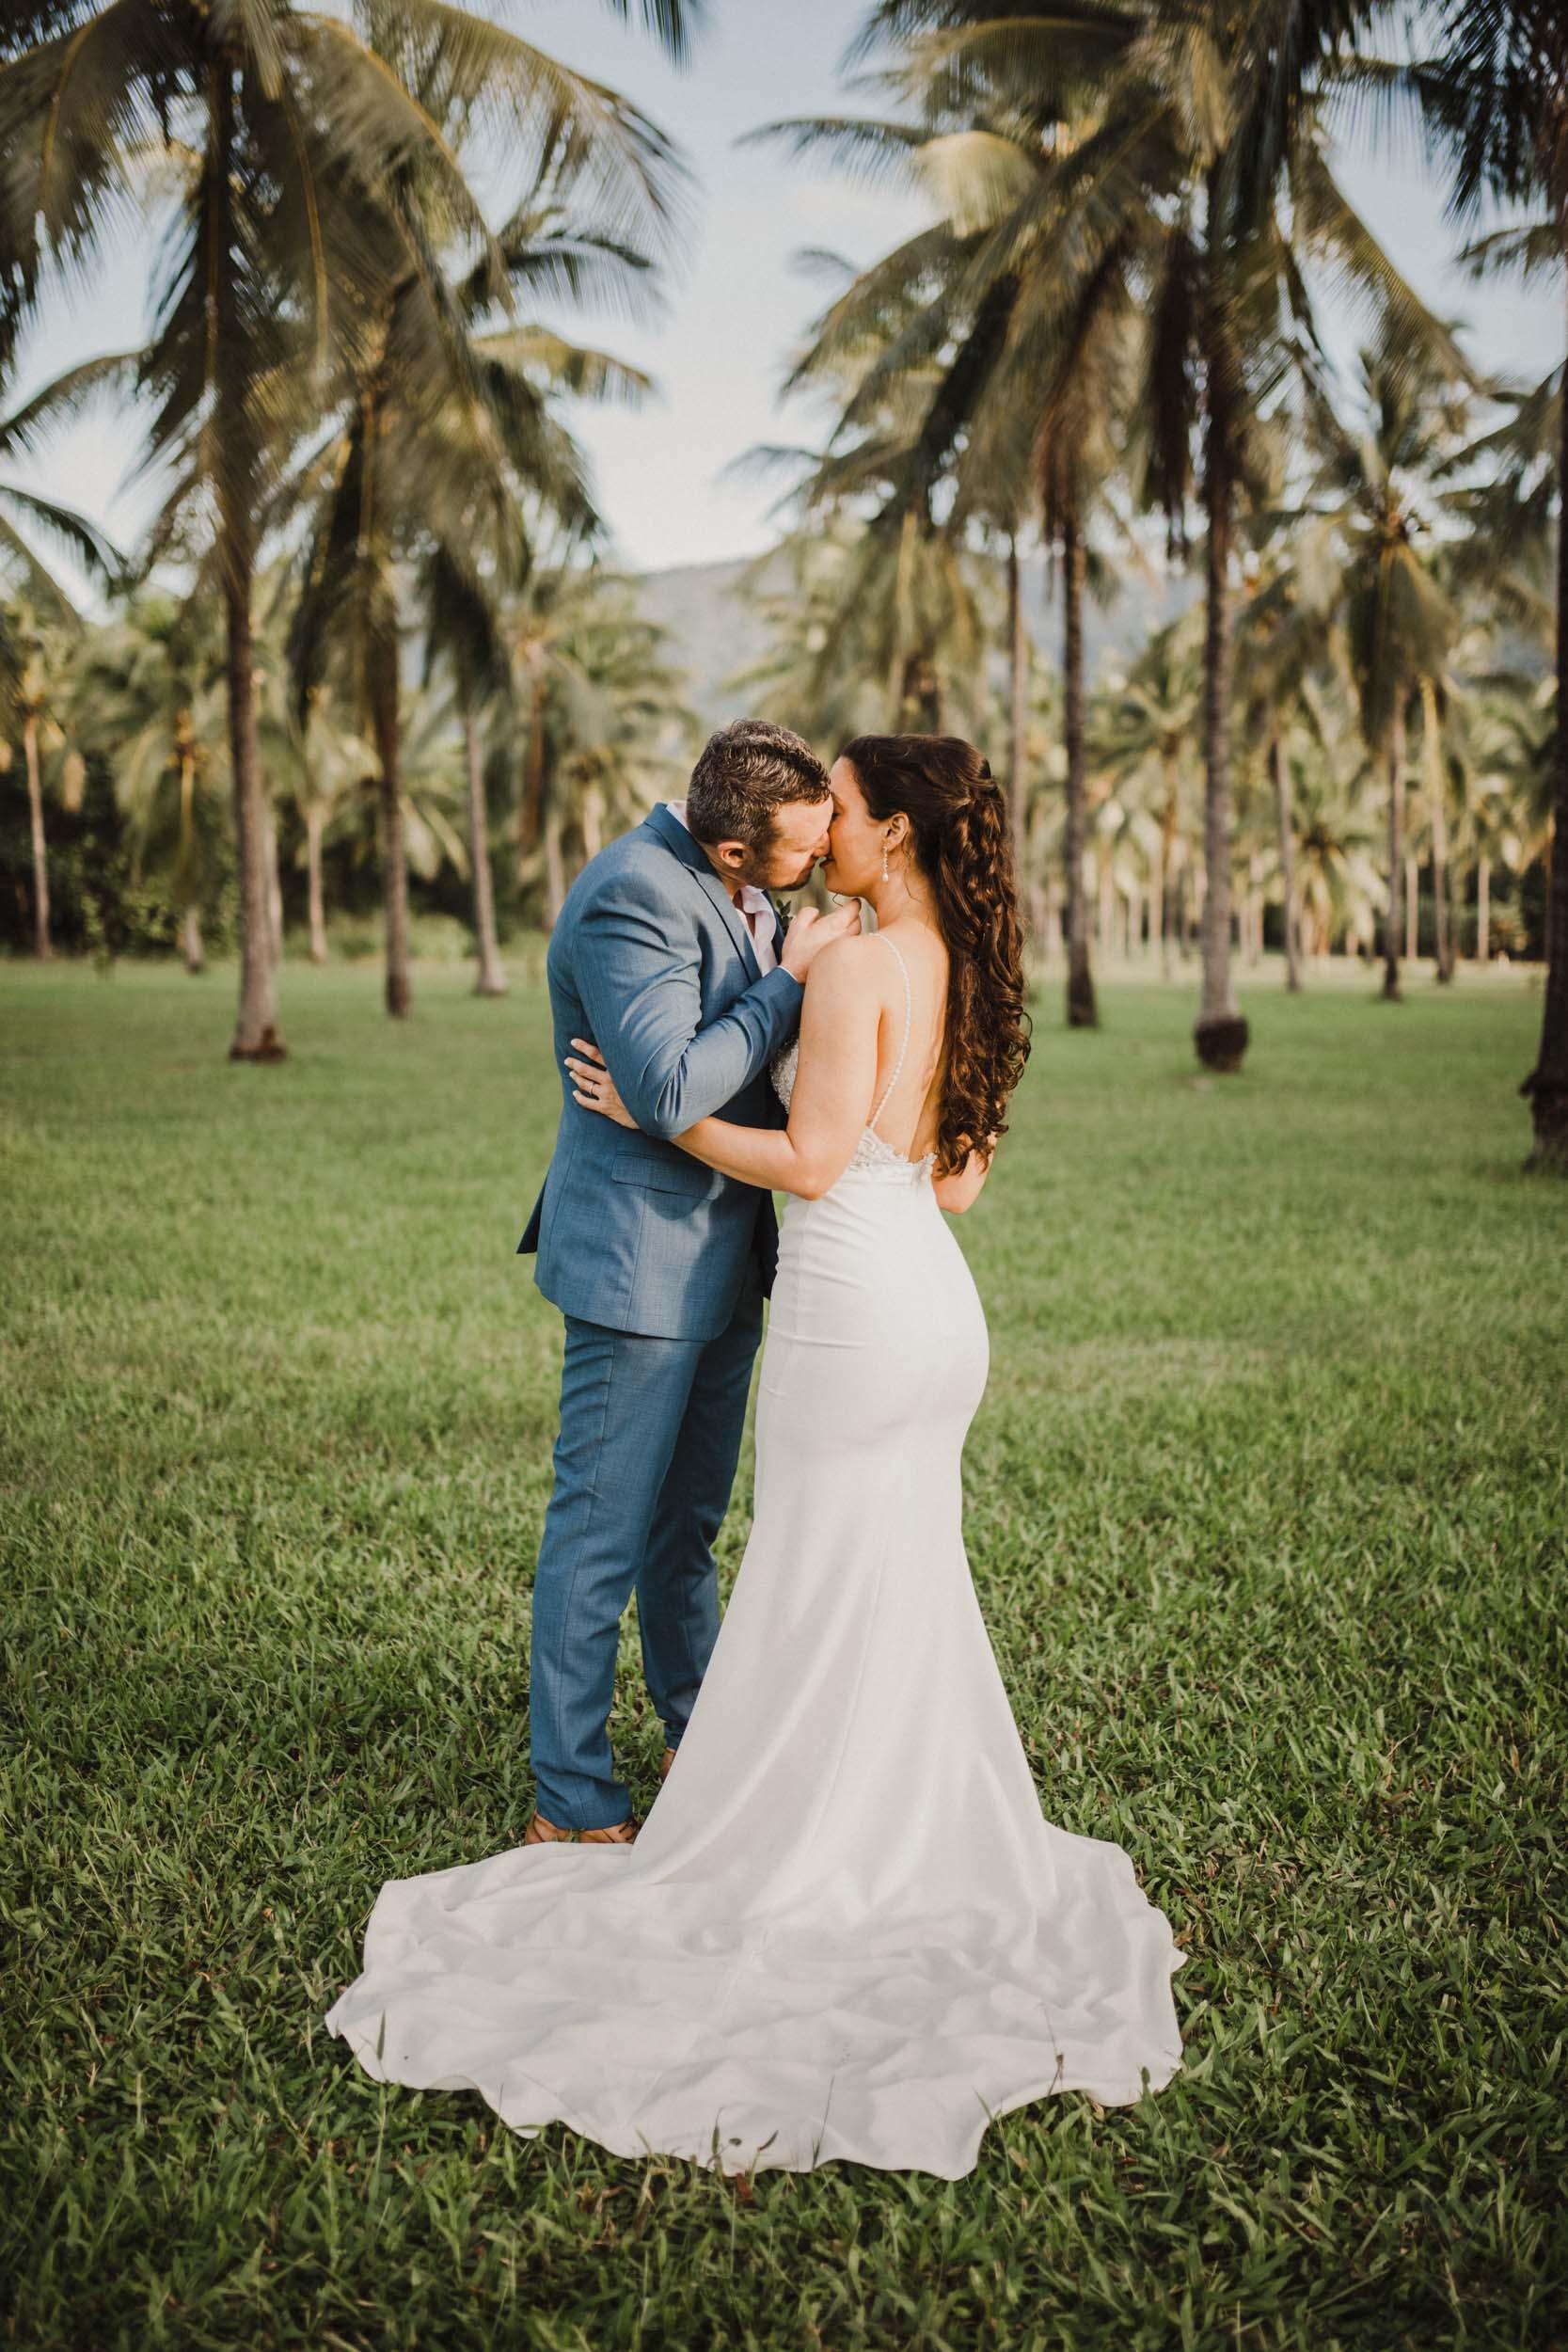 The Raw Photographer - Cairns Wedding Photographer - Thala Beach - Port Douglas Beach Elopement -  Made with love Bridal Dress-36.jpg